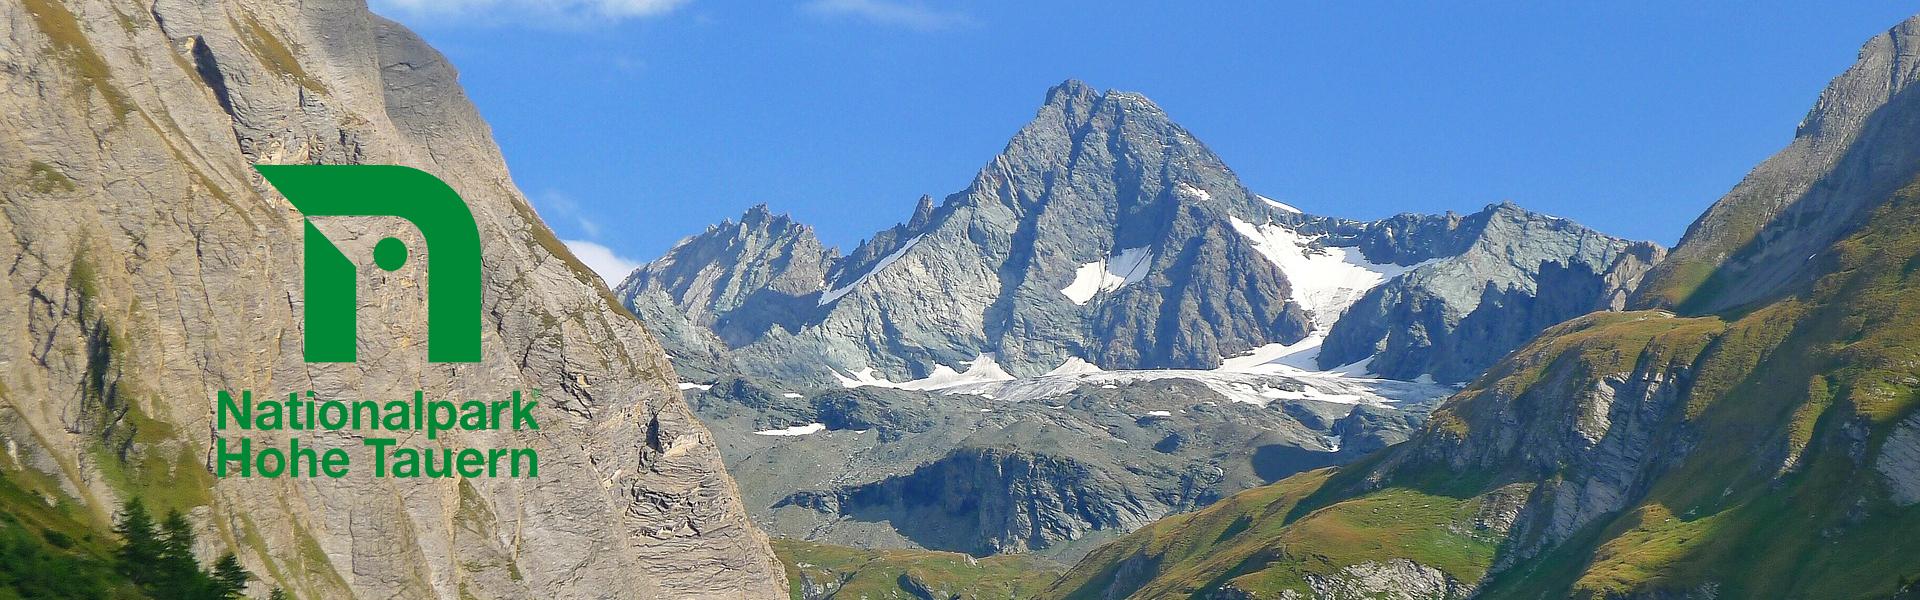 Freizeit - Nationalpark Hohe Tauern Großglockner Header